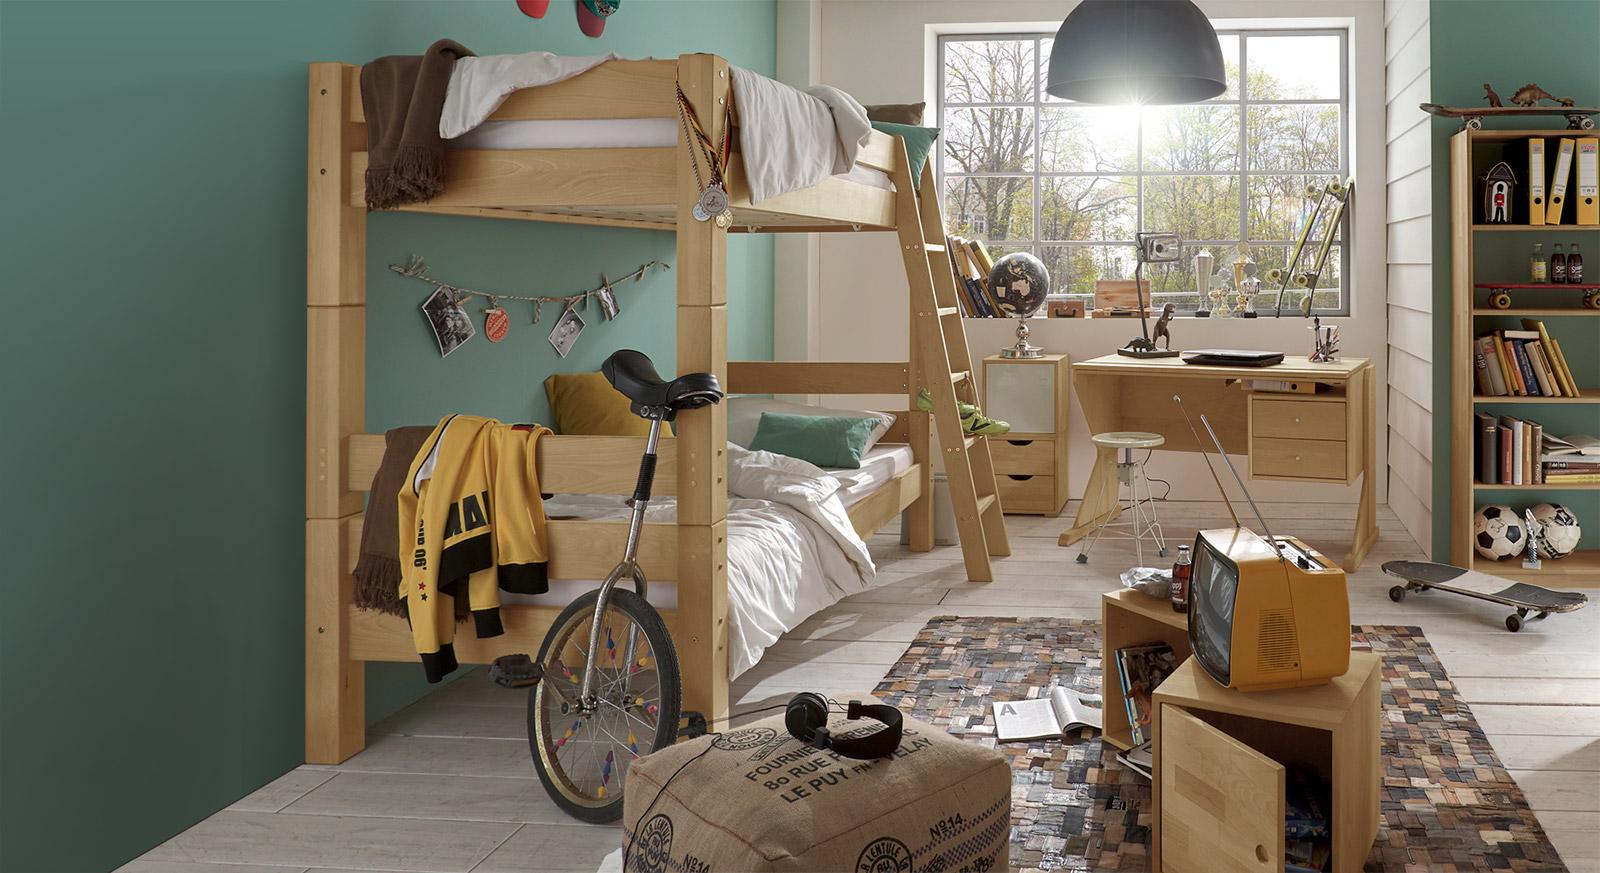 Etagenbett Landhausstil : Etagenbett cm aus biologisch geölter buche kids fantasy